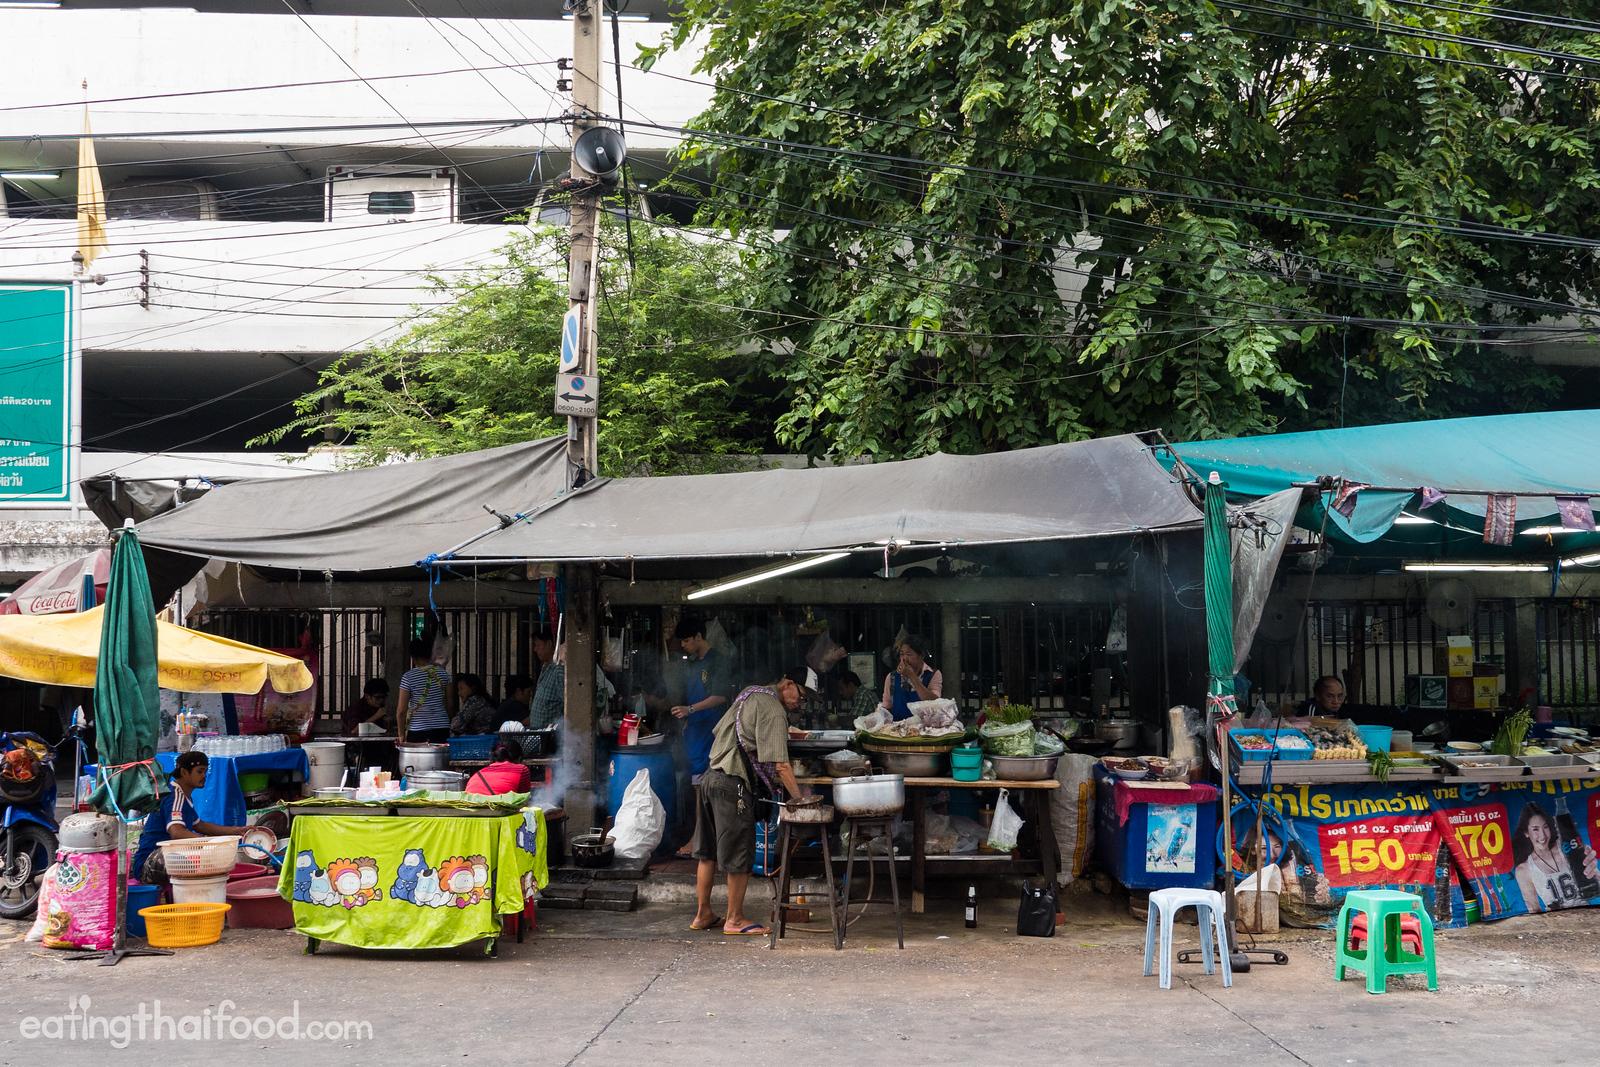 Tom Yum Goong Banglamphu (ร้านต้มยำกุ้งบางลำพู)